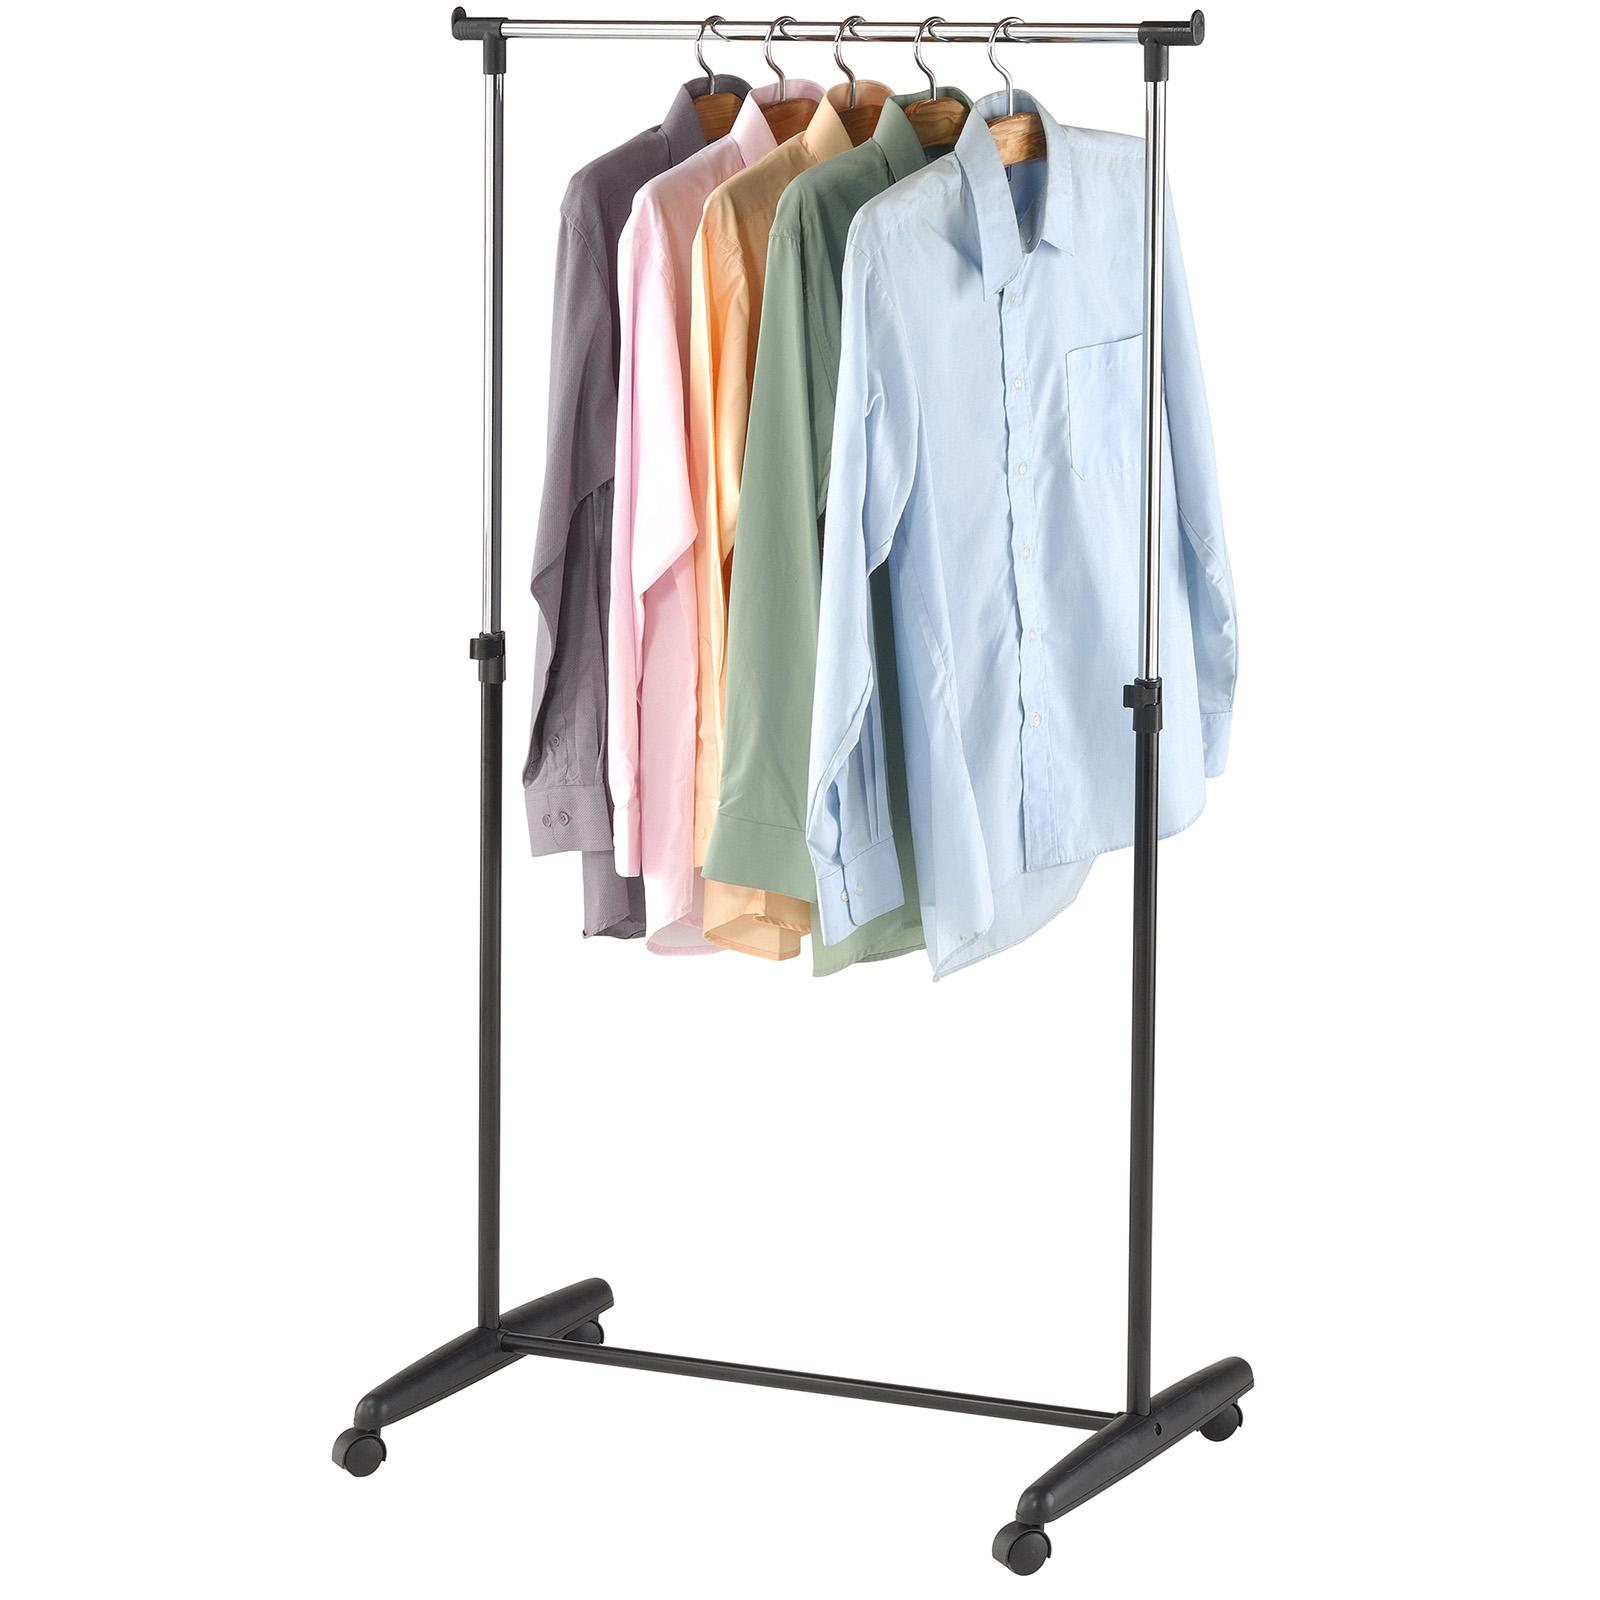 Mobiler Kleiderständer rollen kleiderständer kleiderstange mobiler garderobenständer